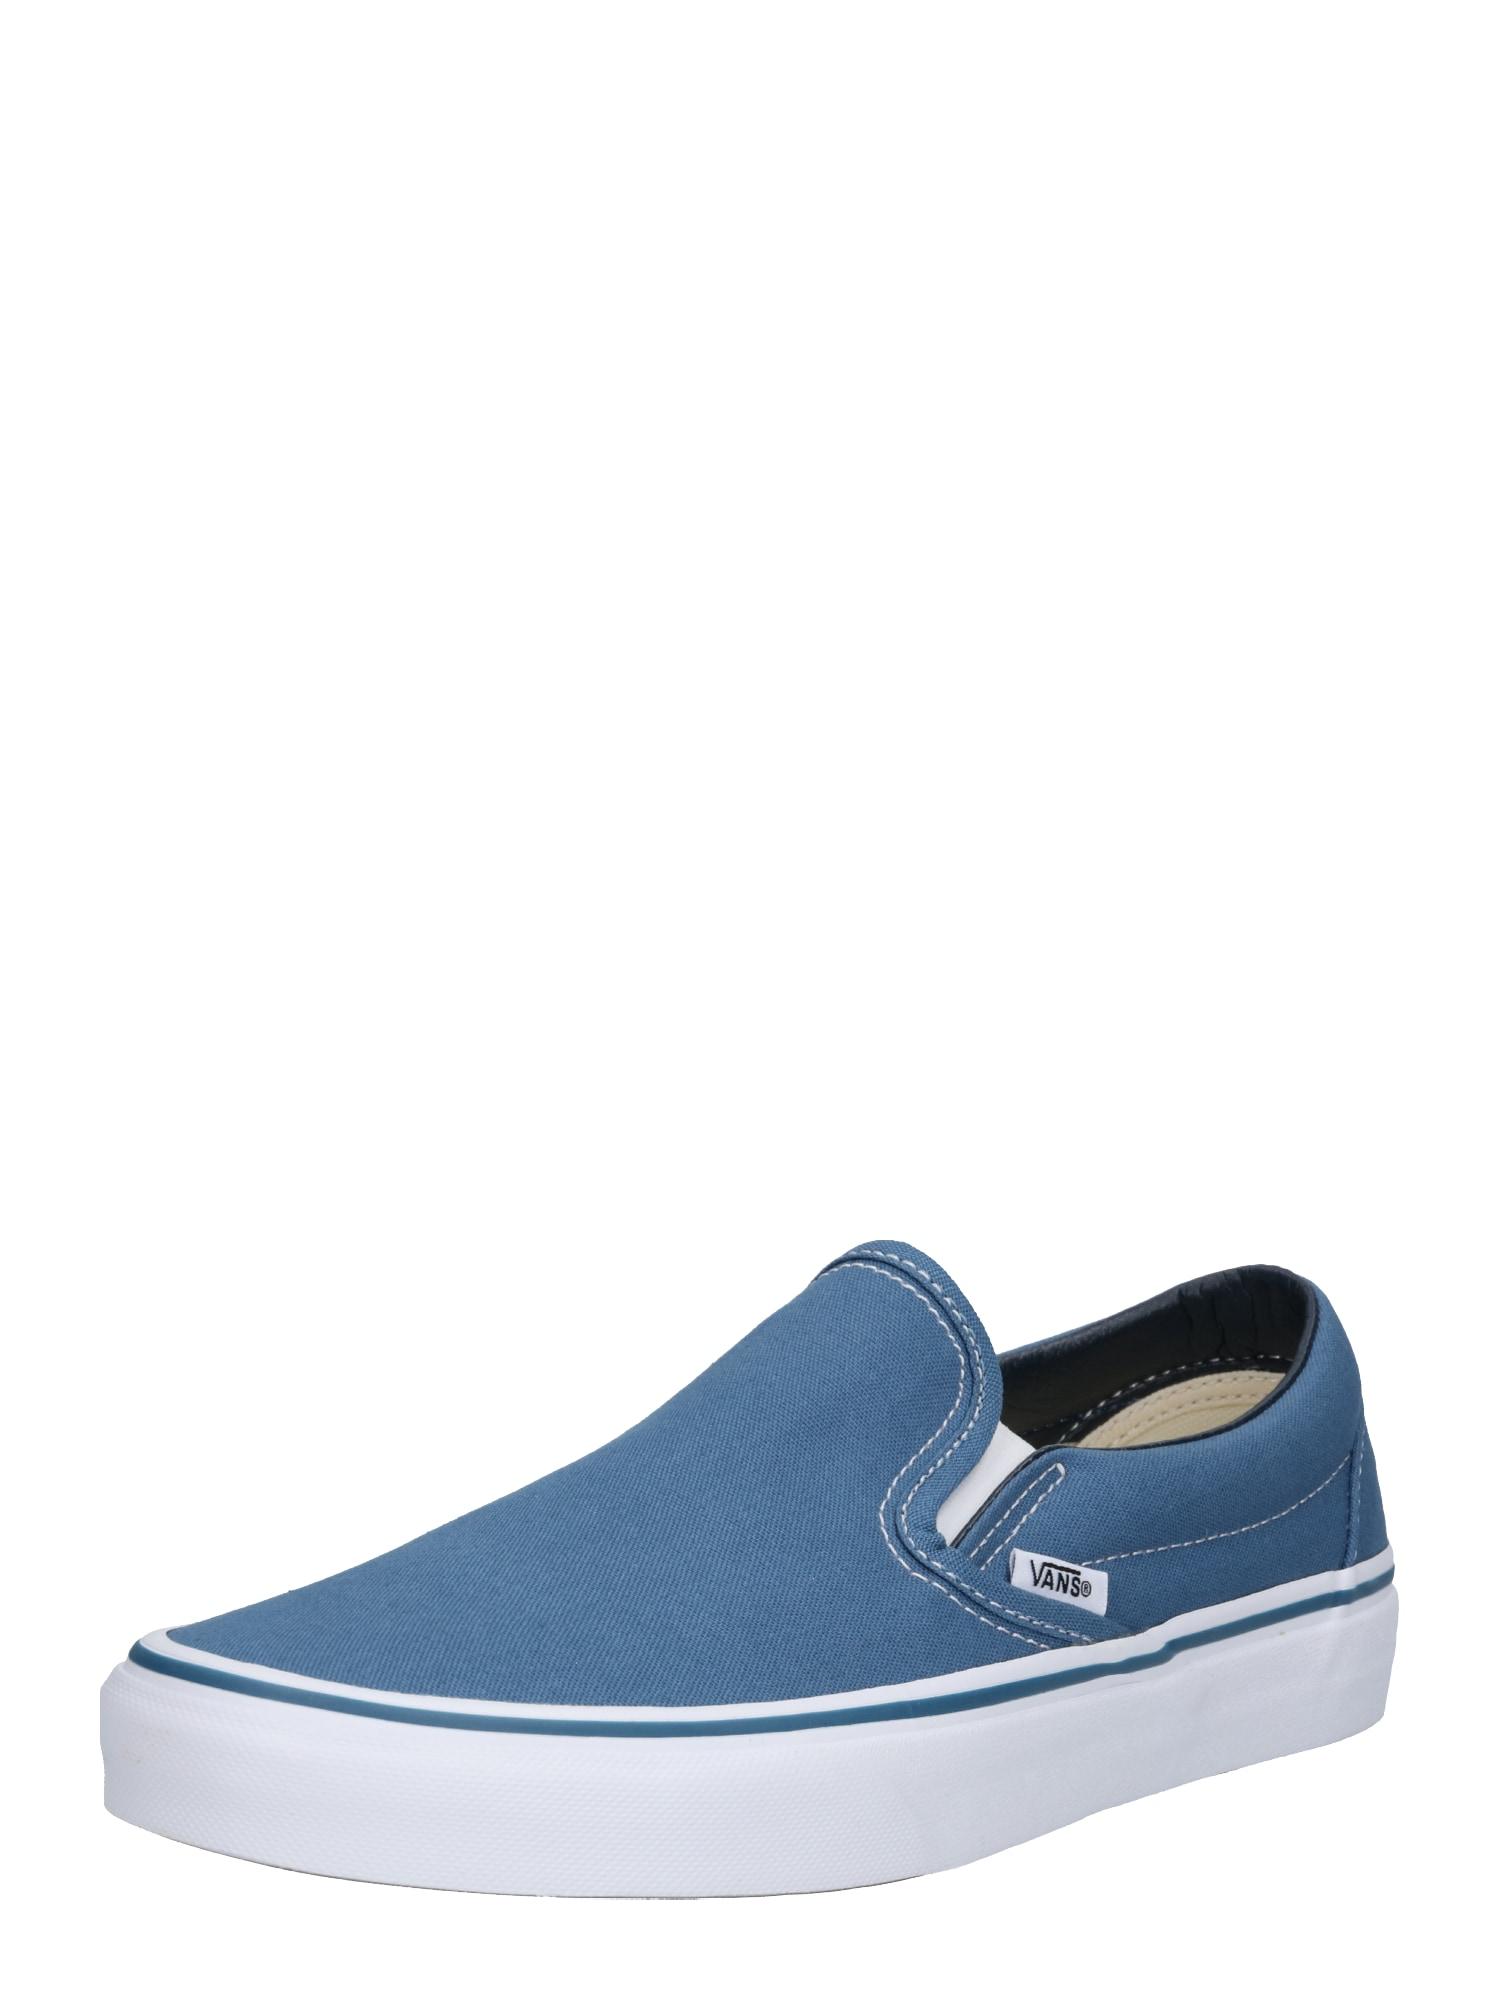 Slipper Classic Slip-On námořnická modř bílá VANS